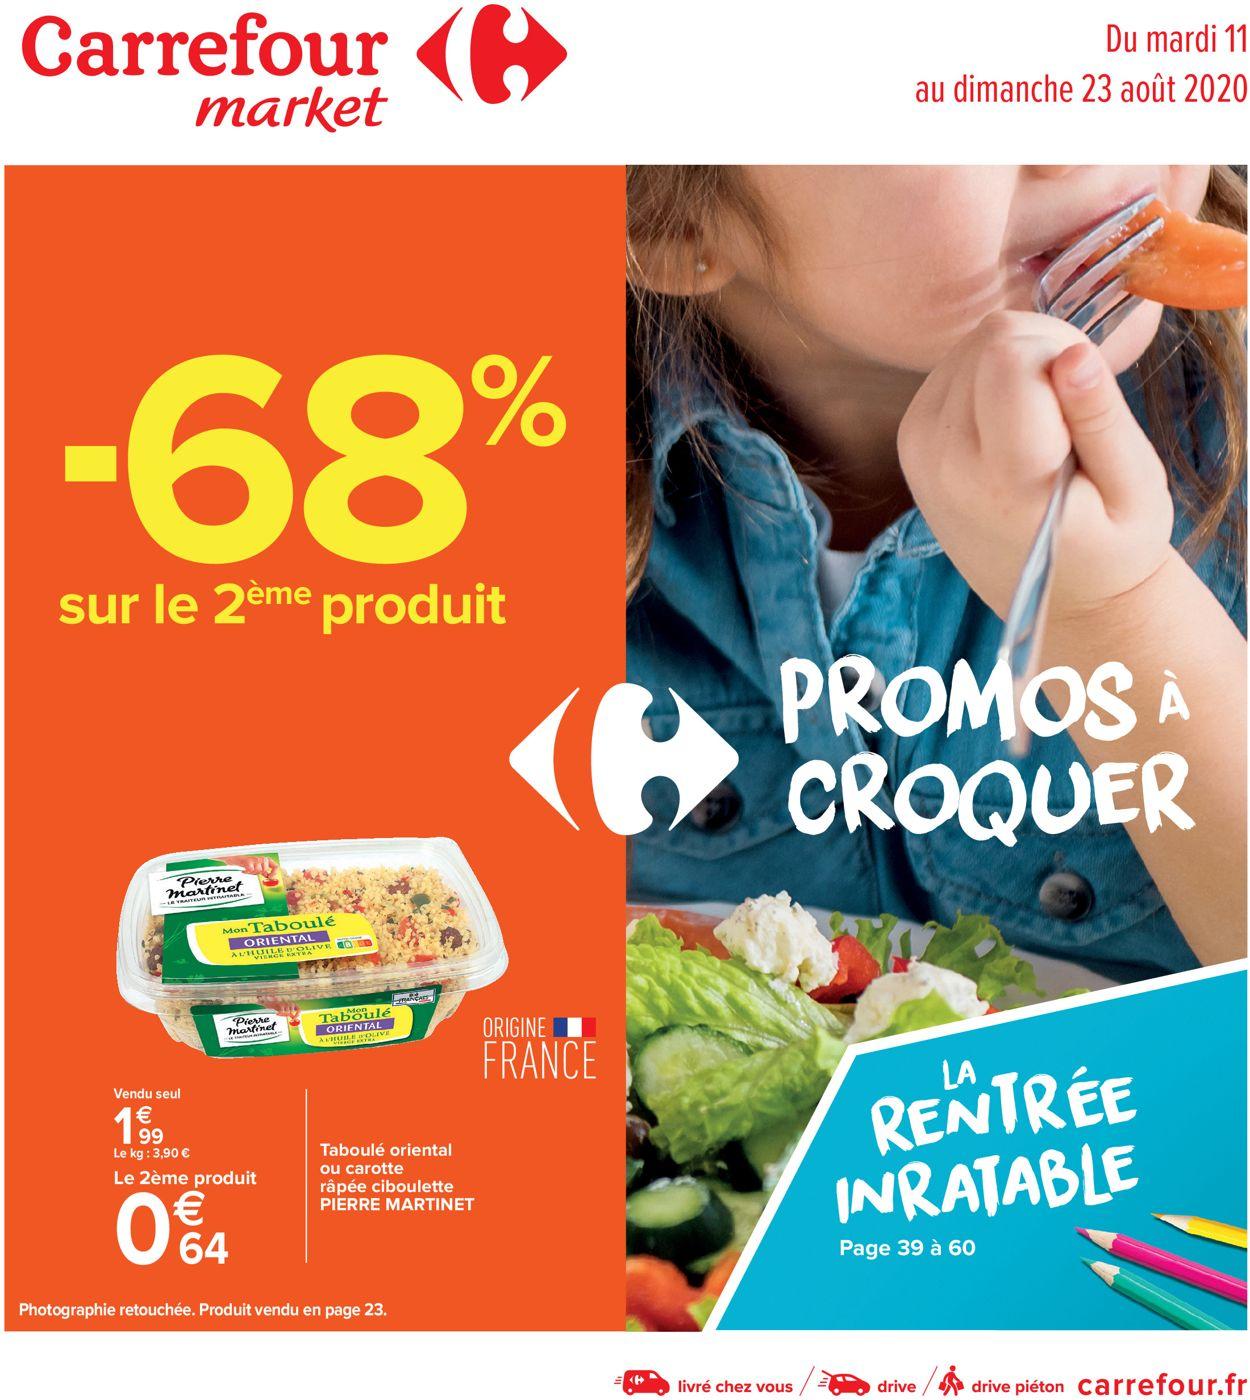 Carrefour Catalogue - 11.08-23.08.2020